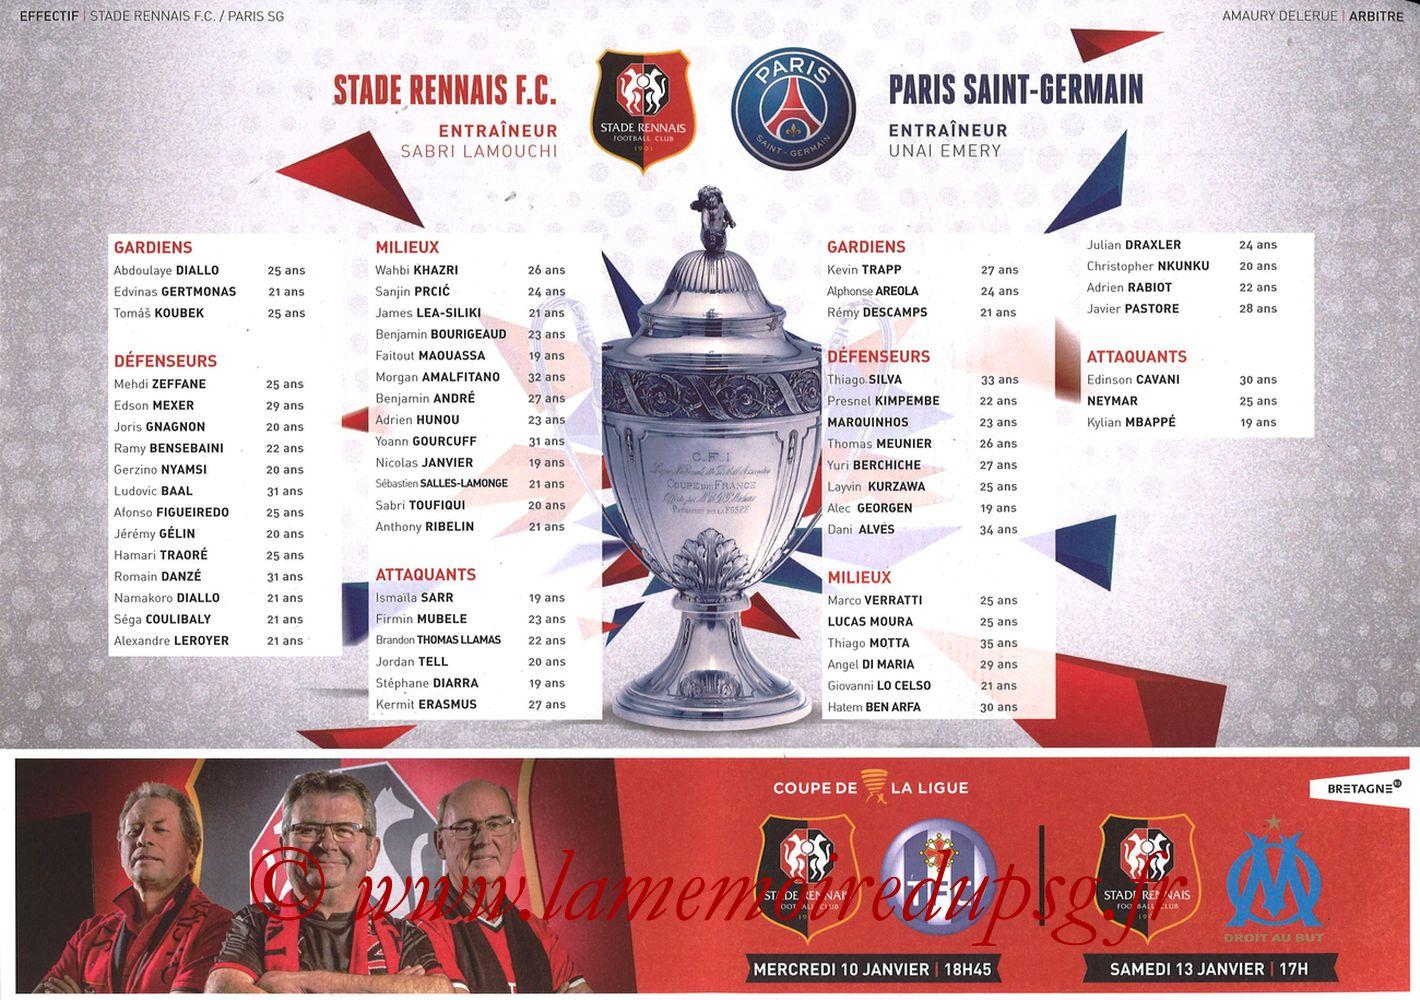 2018-01-07  Rennes-PSG (32ème CF, Programme Officiel) - Pages 02 et 03